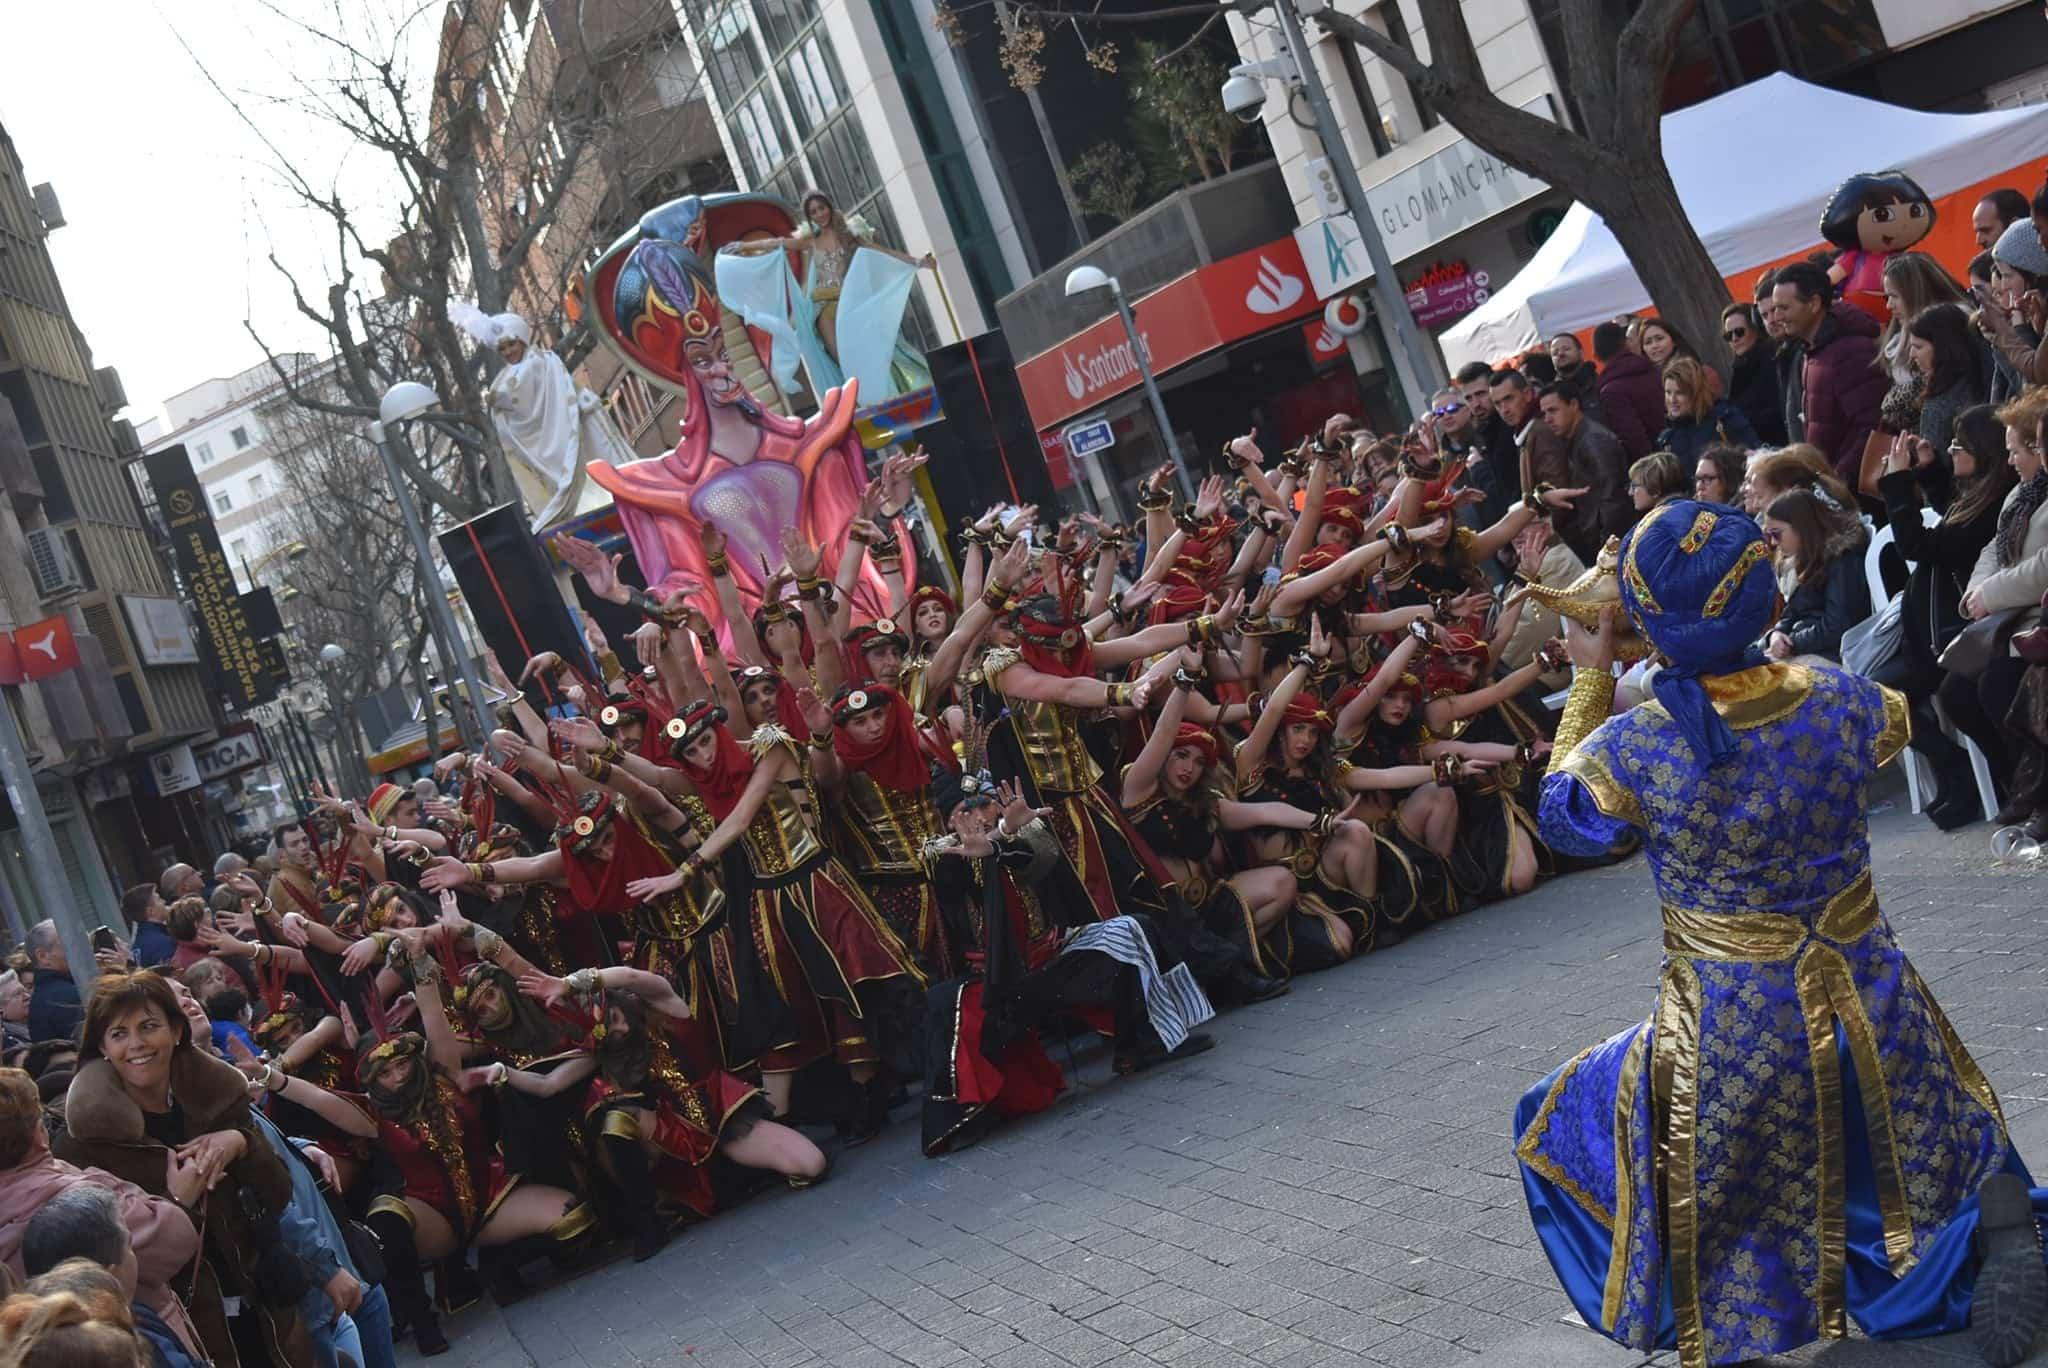 Carnaval de ciudad real 2020 axonsou arlequin oro herencia 2 - Axonsou se lleva el Arlequín de Oro en Ciudad Real